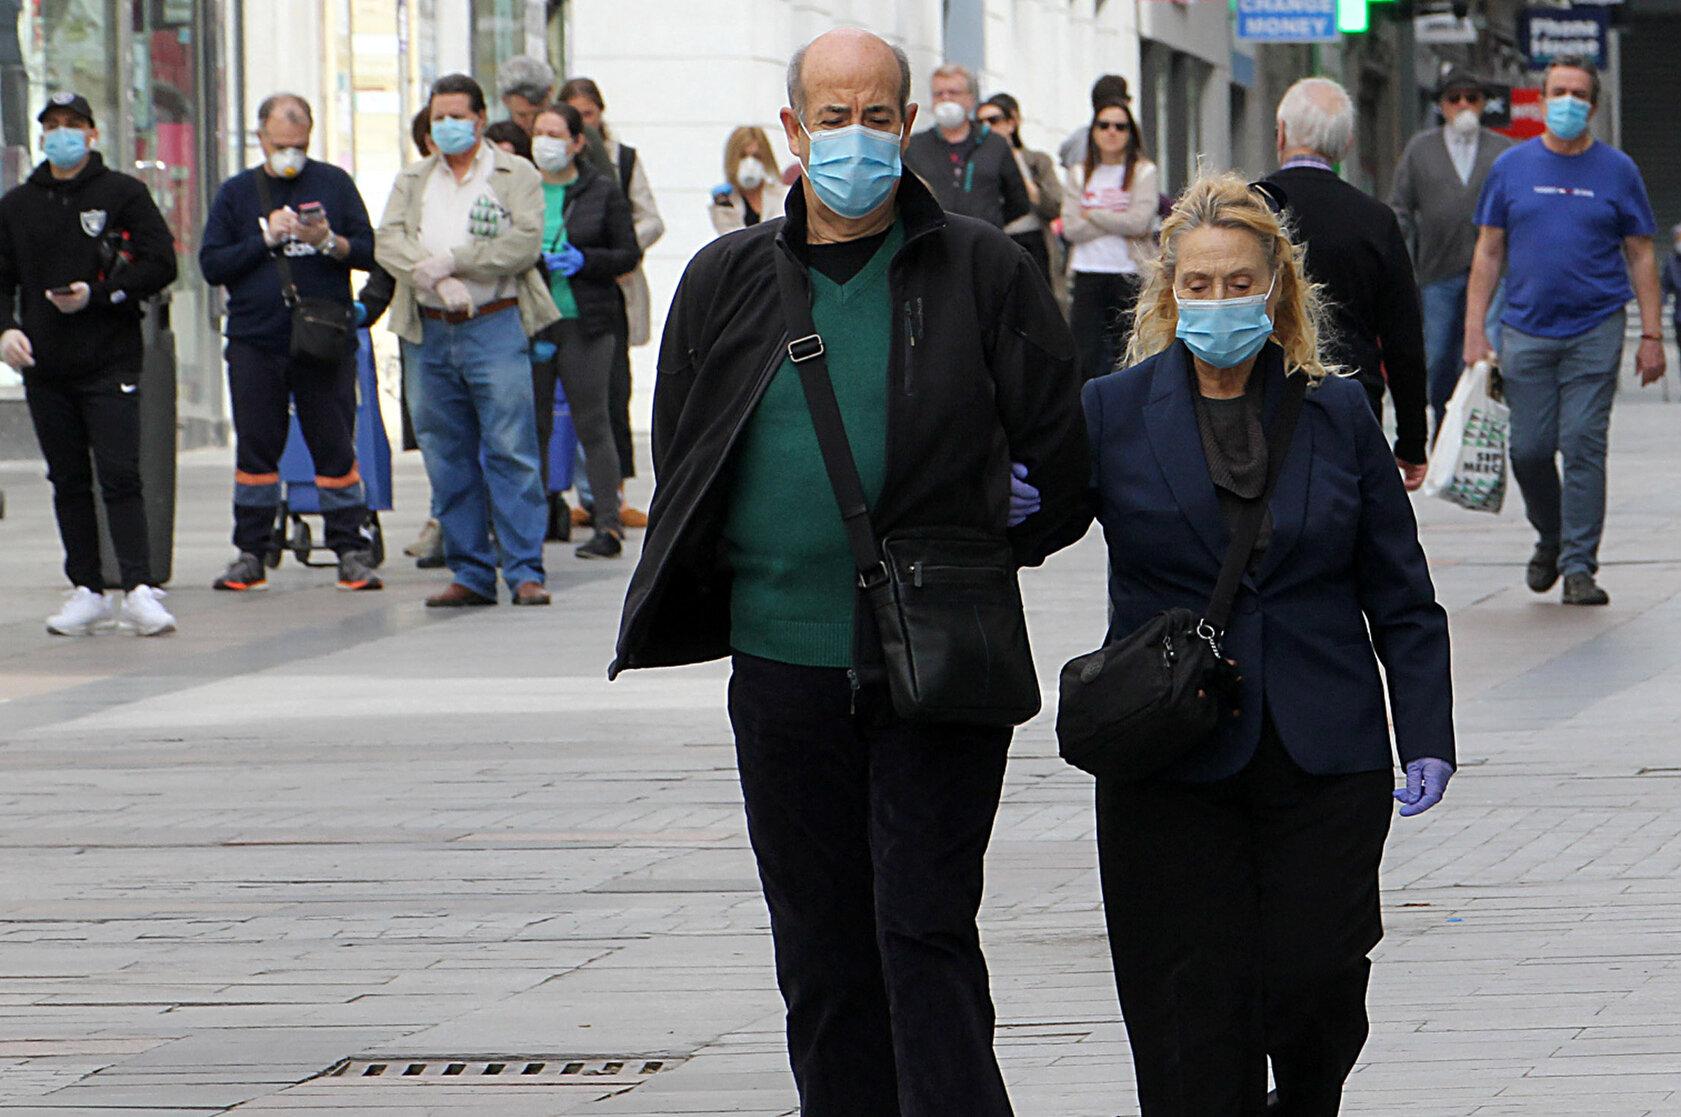 Masca nu joacă un rol important în oprirea contaminării, arată un studiu danez. Experții acuză limitările cercetării